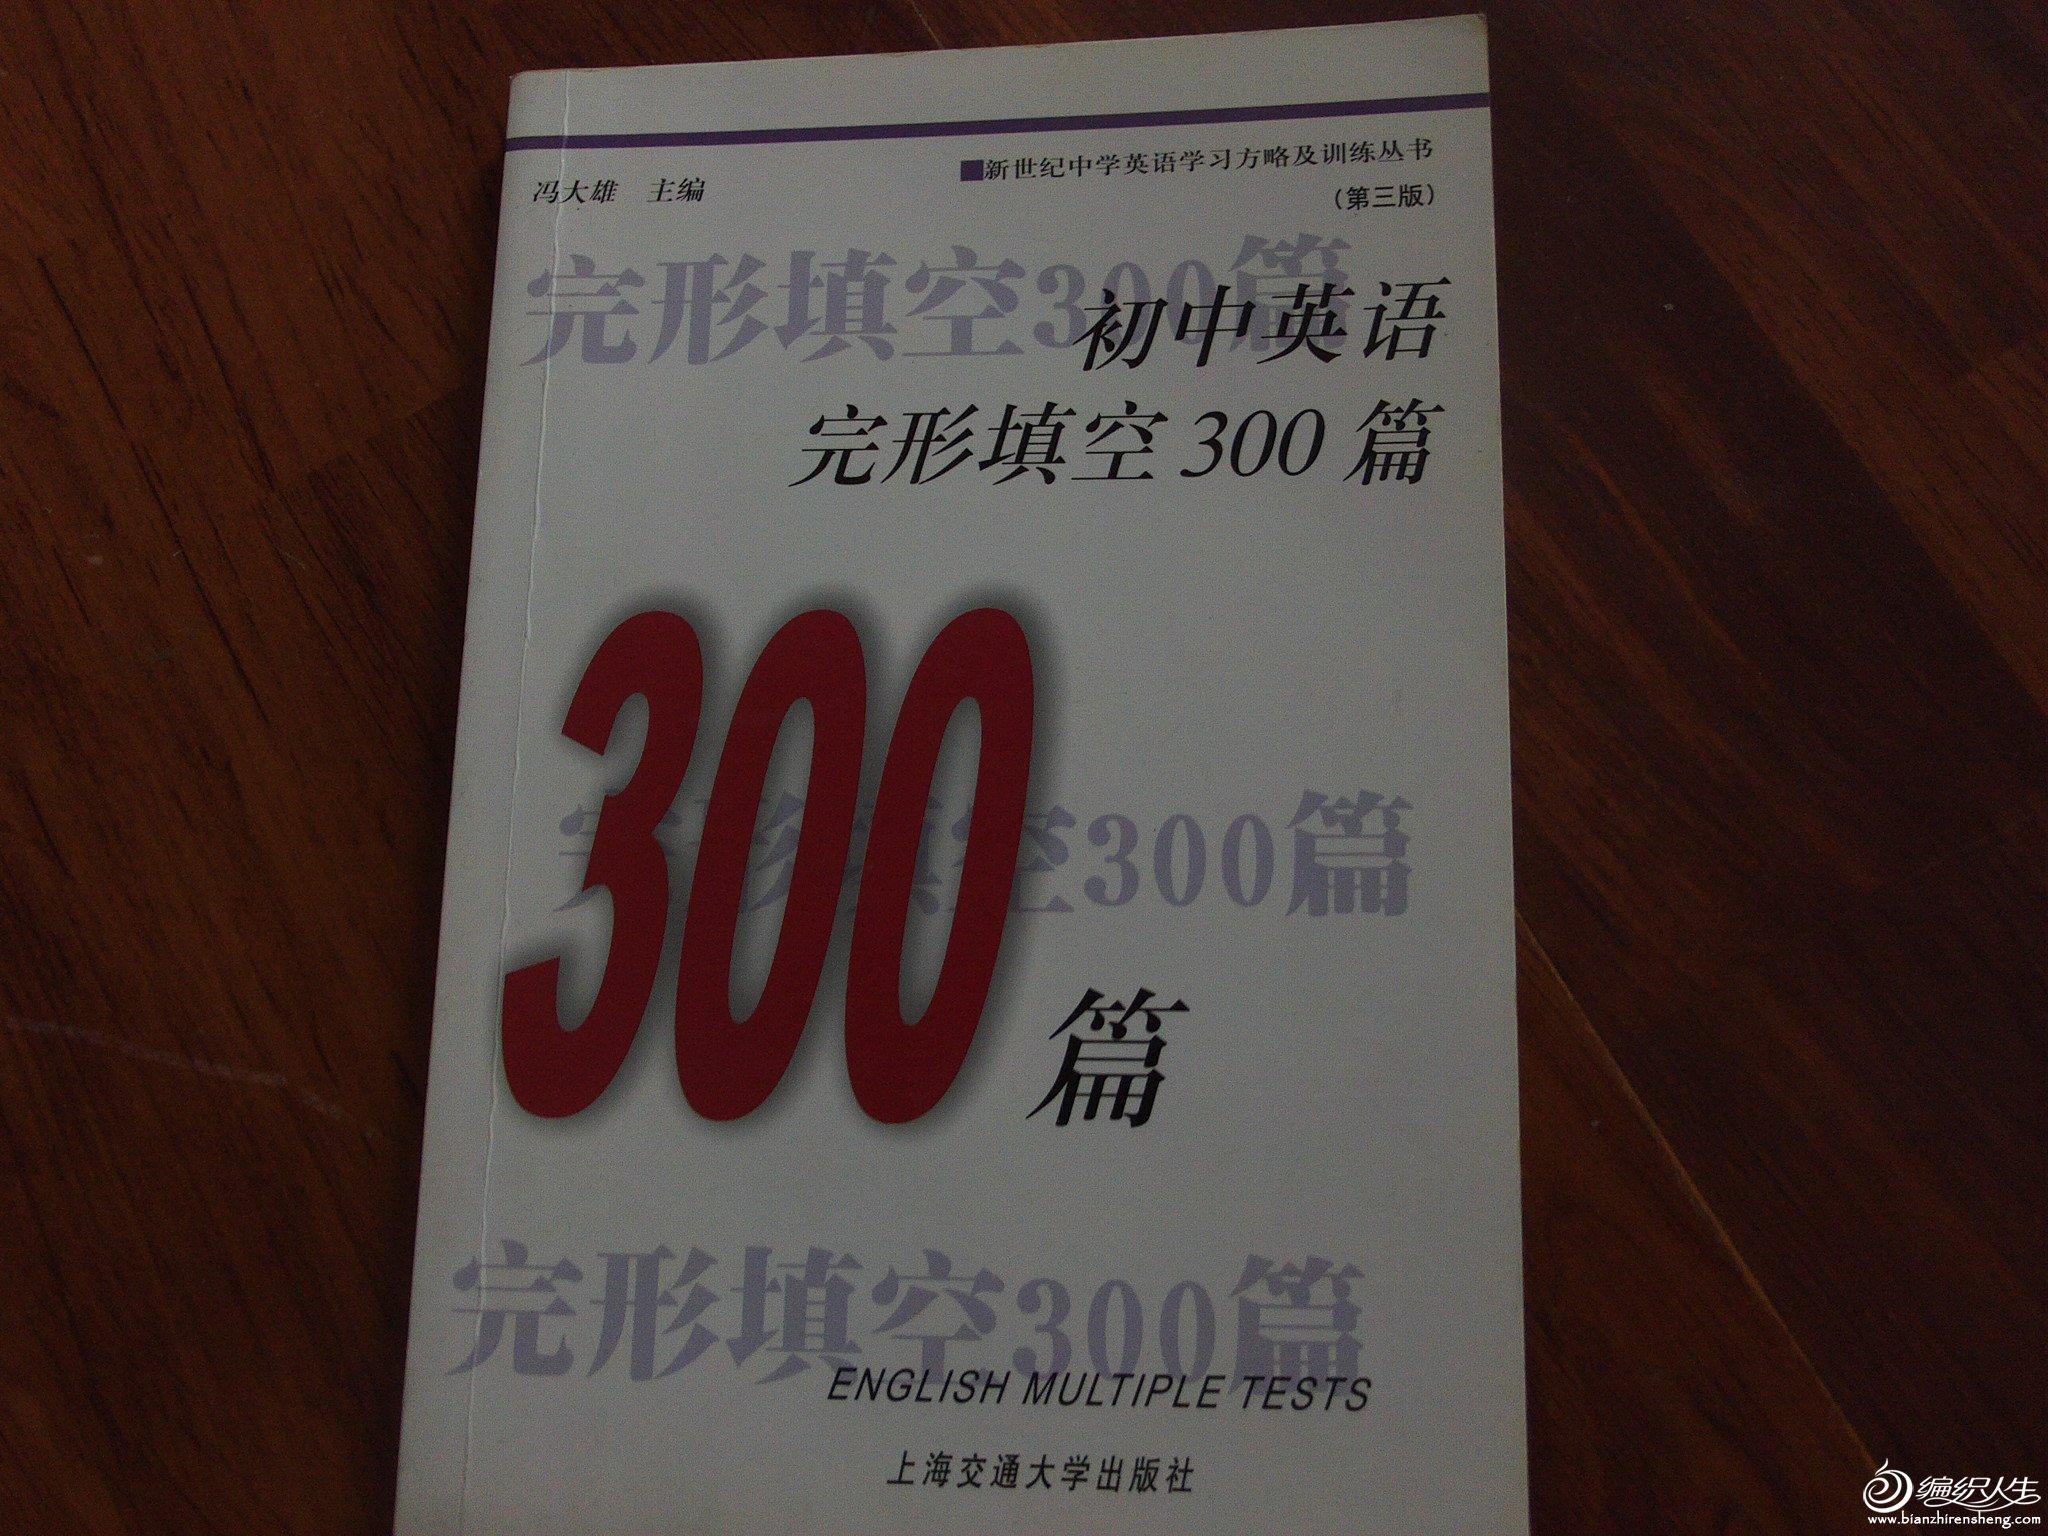 FILE0574.JPG